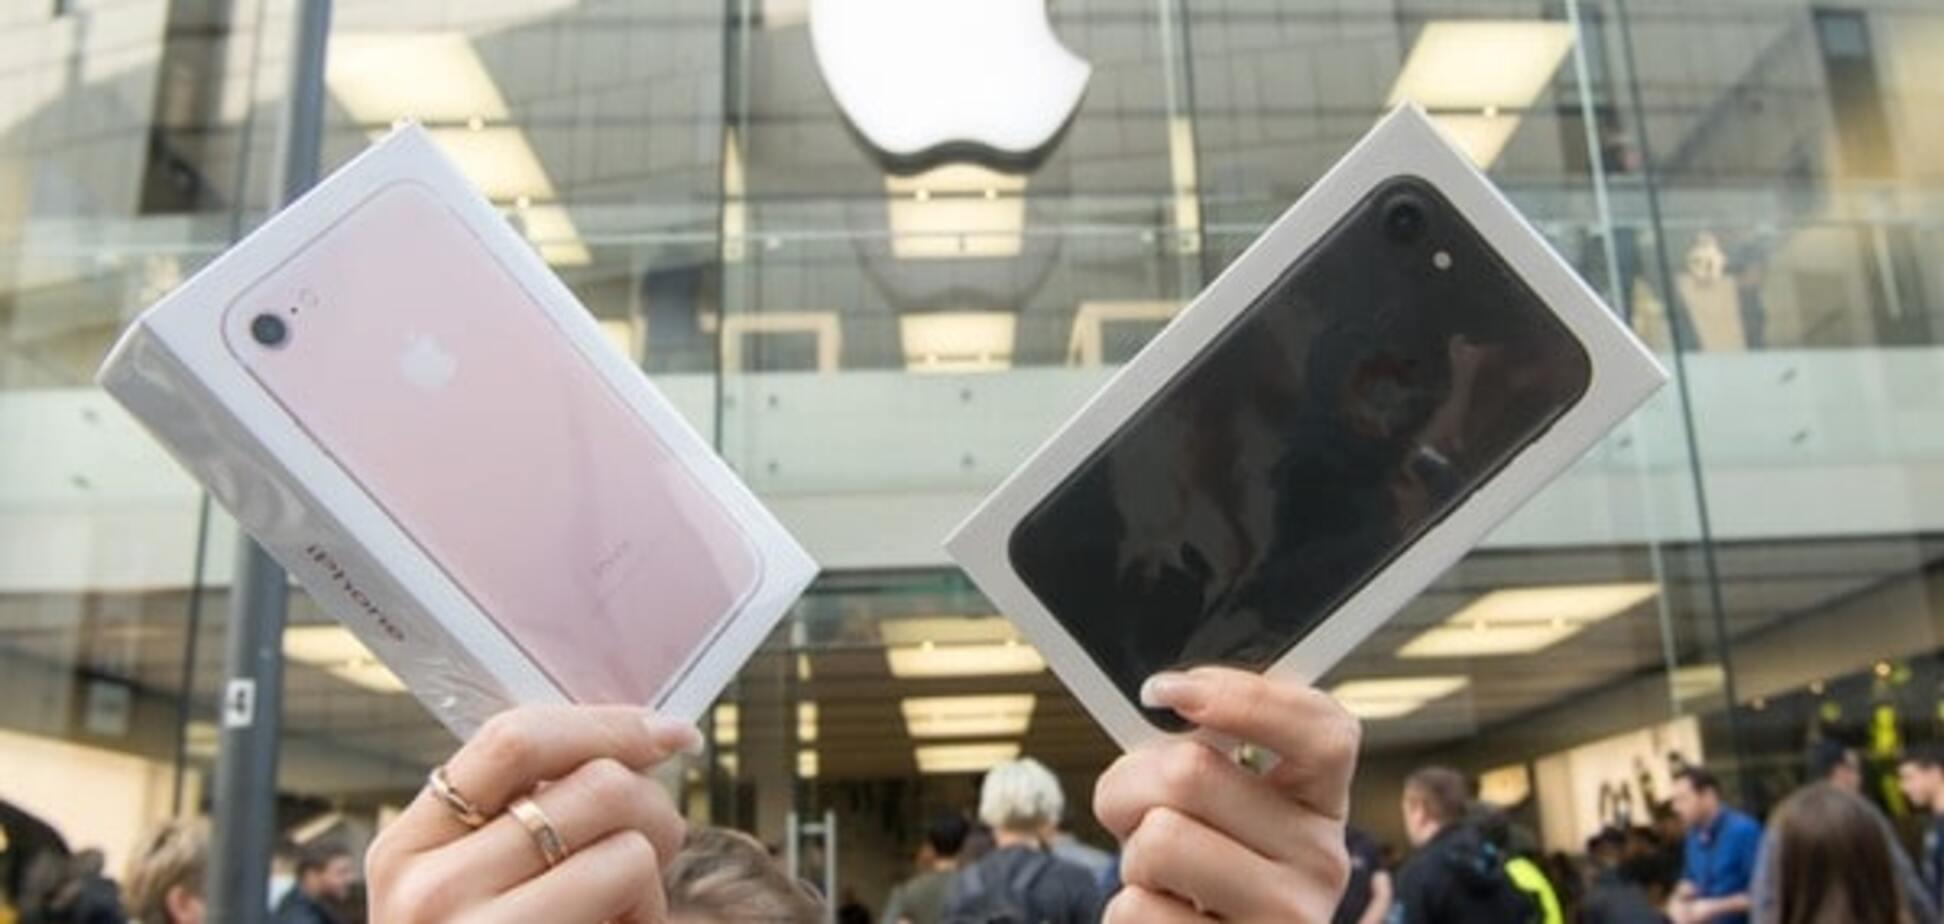 Стартовали продажи iPhone7 и iPhone7 Plus: фоторепортаж со всего мира